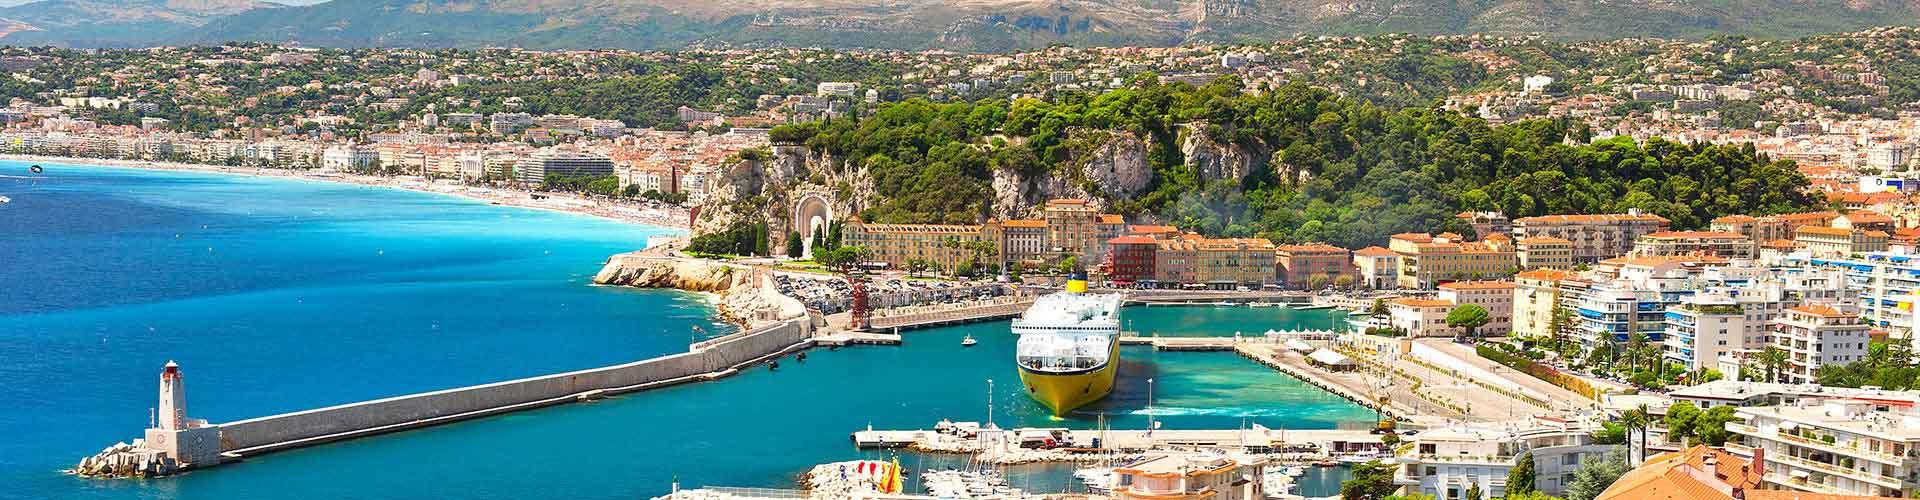 Nice - Auberges de jeunesse à Nice. Cartes pour Nice, photos et commentaires pour chaque auberge de jeunesse à Nice.